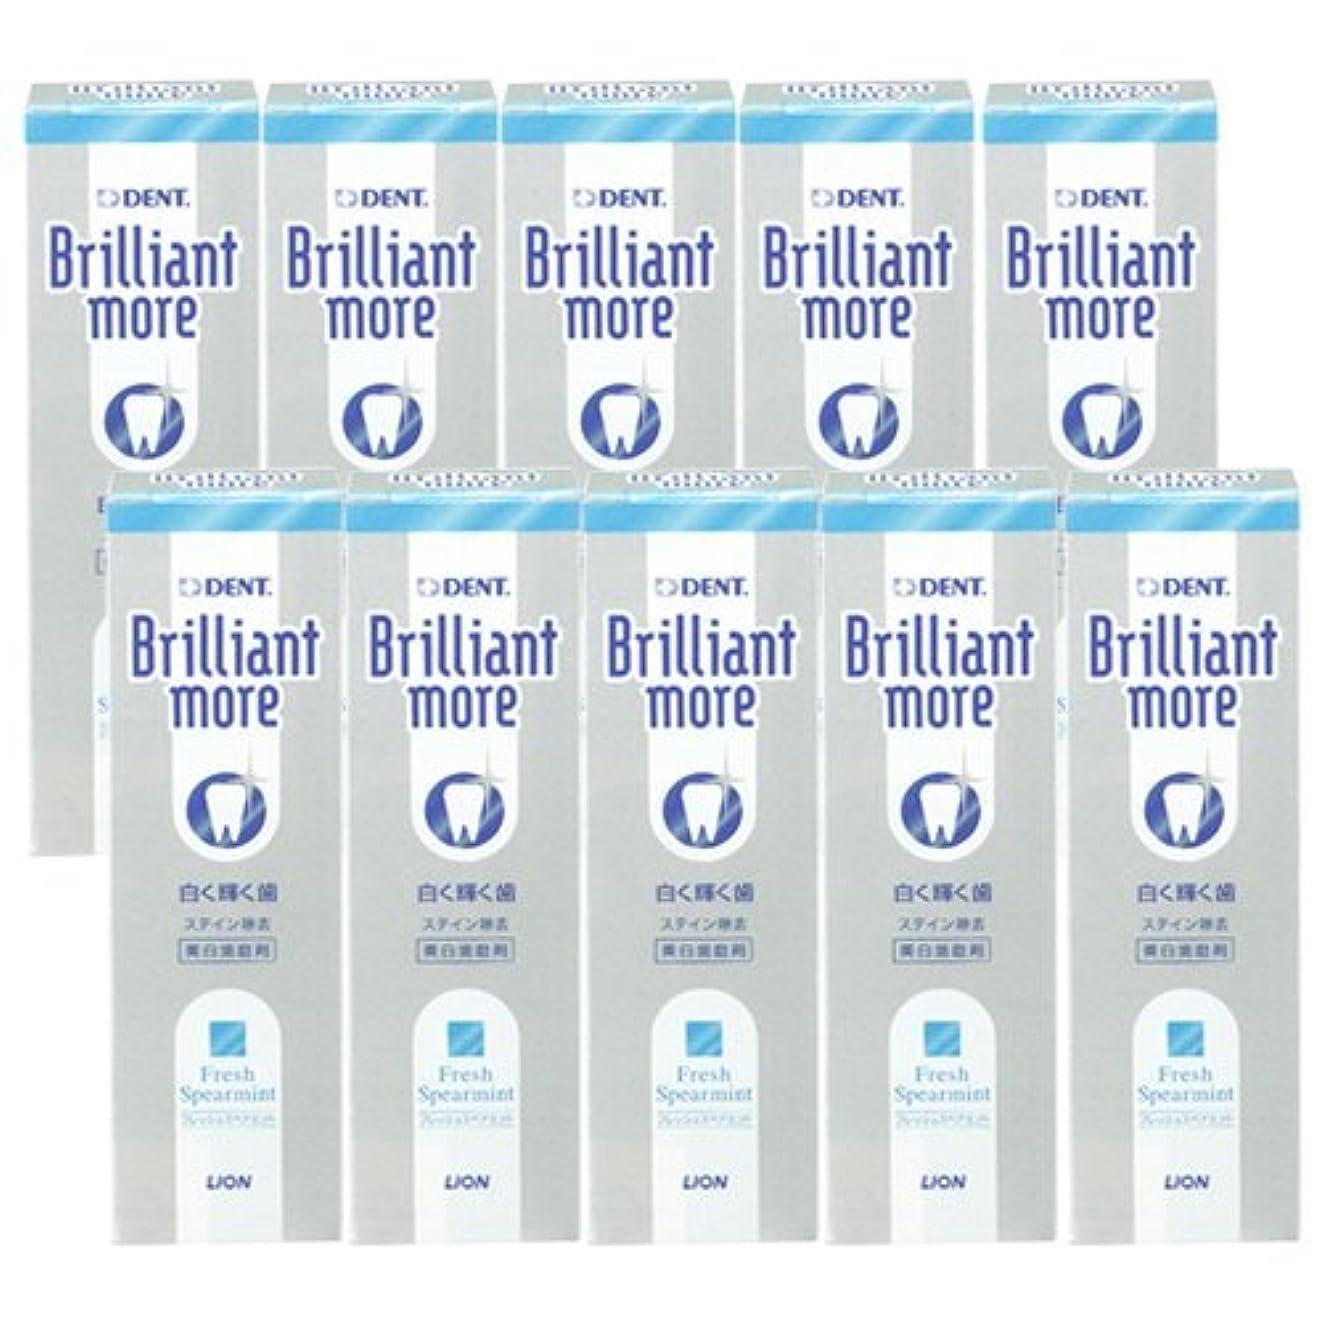 本会議アライメントイソギンチャクライオン ブリリアントモア フレッシュスペアミント 美白歯磨剤 LION Brilliant more 10本セット